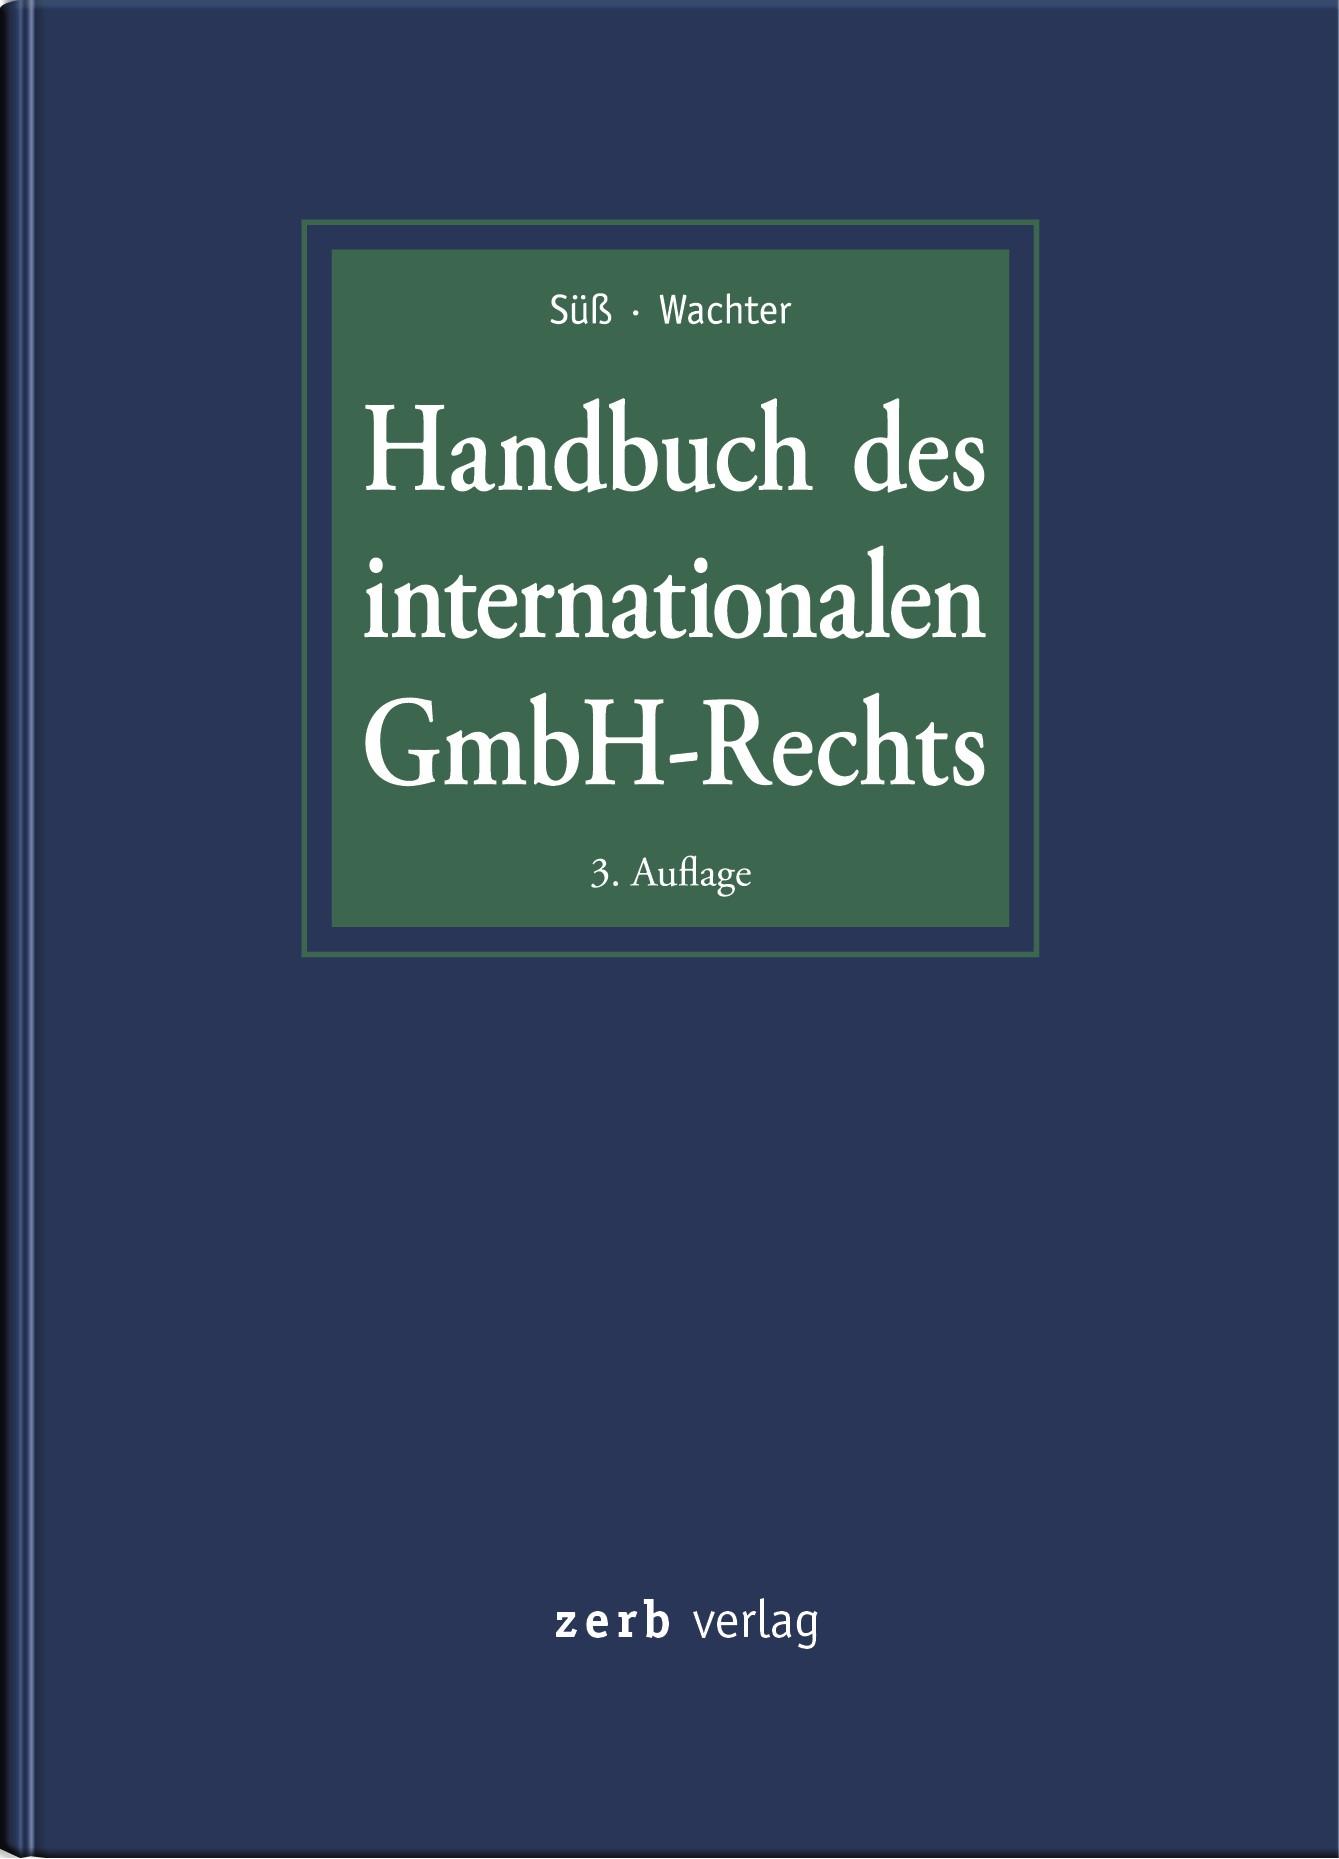 Handbuch des internationalen GmbH-Rechts | Süß / Wachter (Hrsg.) | 3. Auflage, 2015 (Cover)